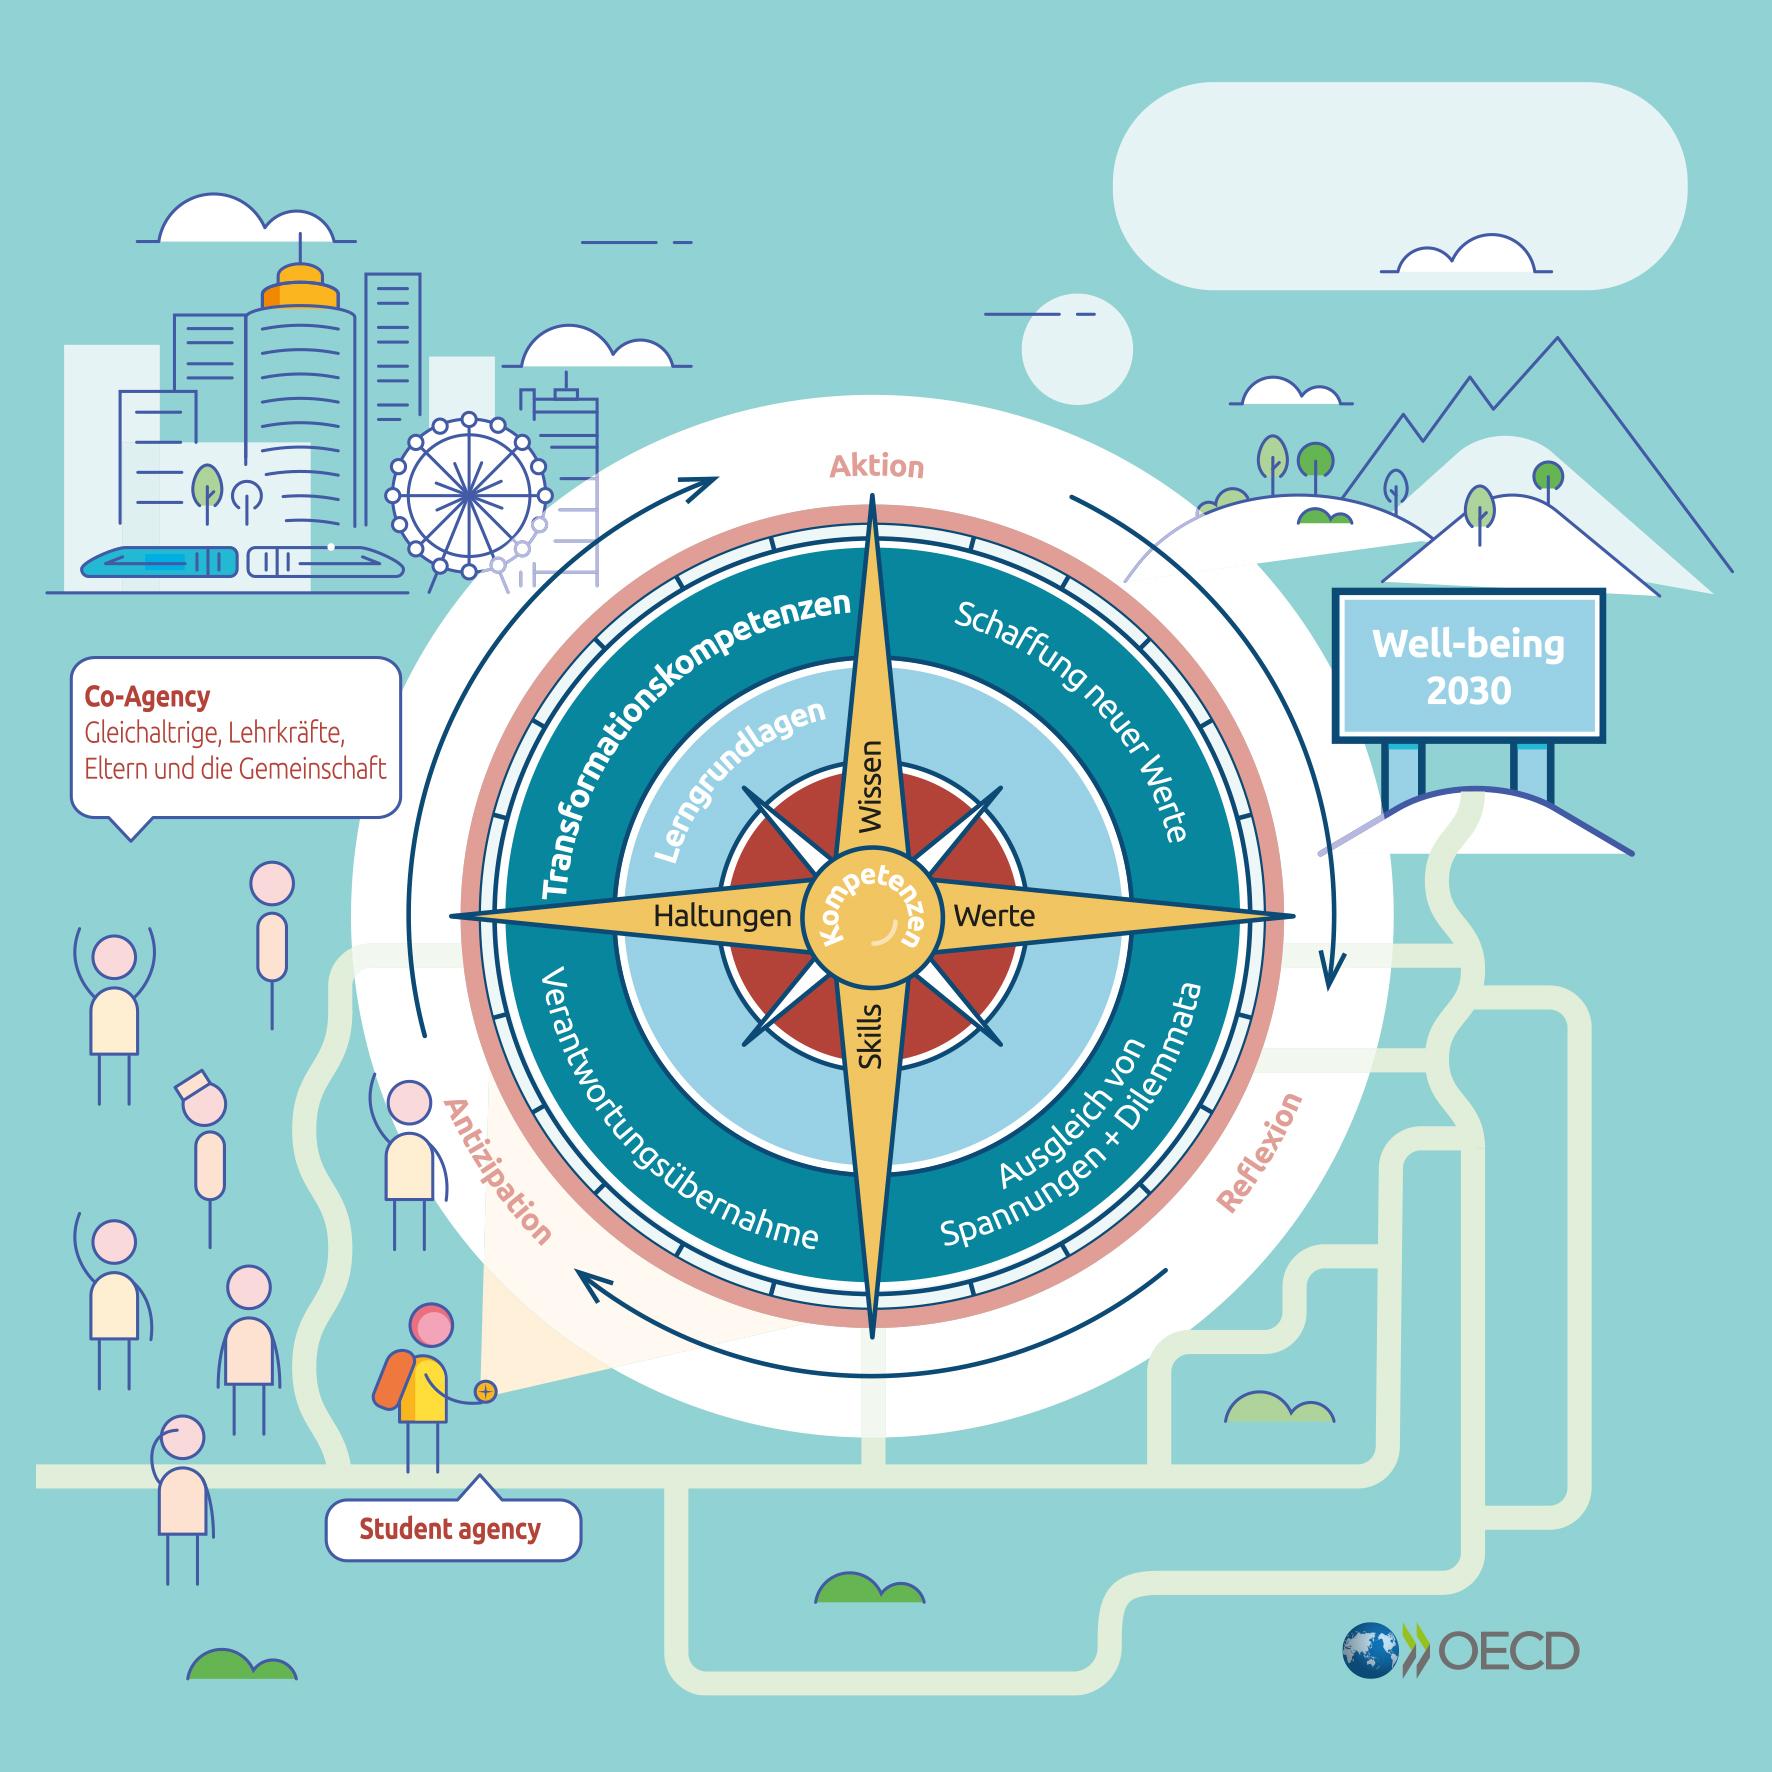 OECD Lernkompass 2030 – das Rahmenkonzept des Lernens